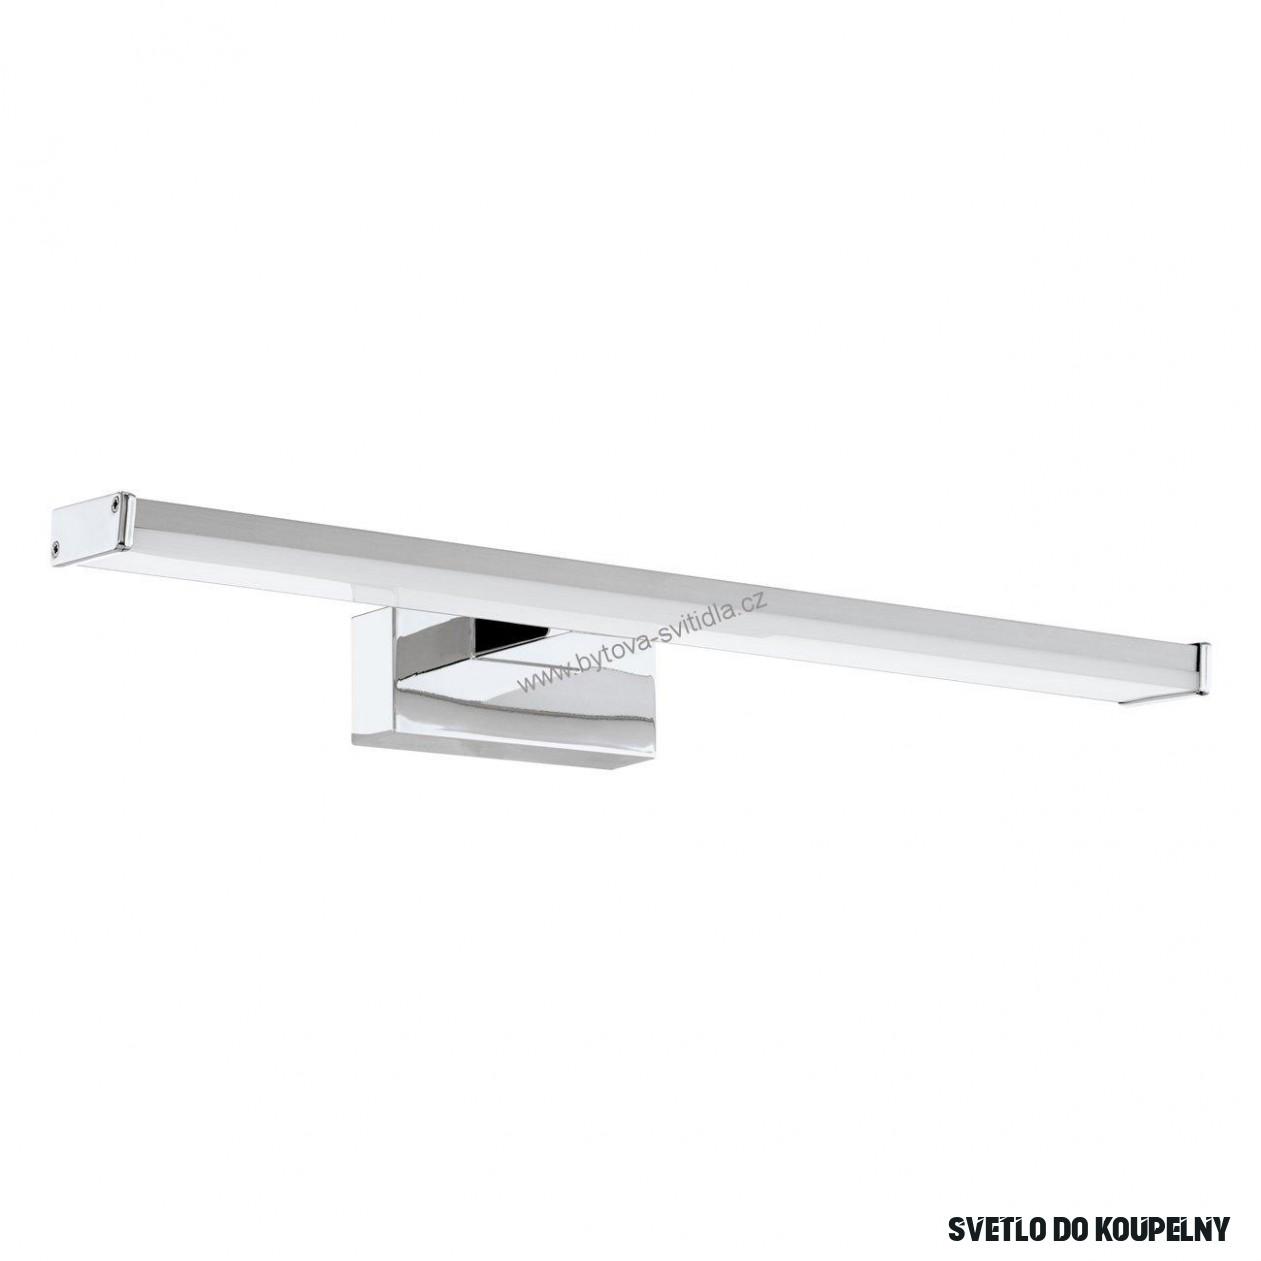 Eglo 166 PANDELLA 16 - LED světlo do koupelny k zrcadlu IP16, 16cm